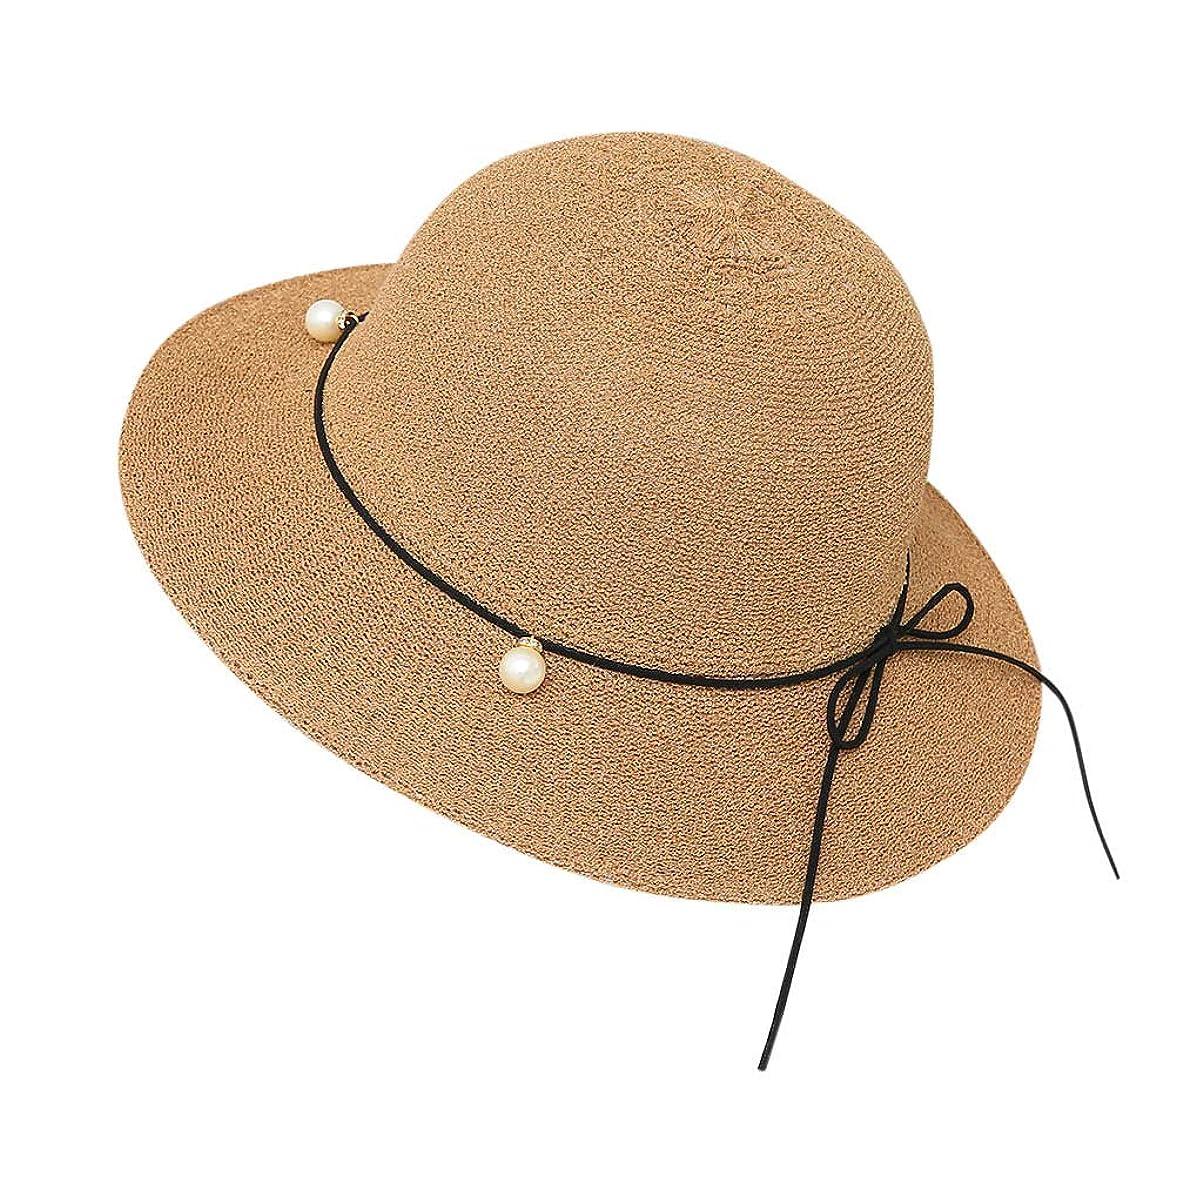 シリング池追記帽子 レディース 夏 女性 UVカット 帽子 ハット 漁師帽 つば広 吸汗通気 紫外線対策 大きいサイズ 日焼け防止 サイズ調節 ベレー帽 帽子 レディース ビーチ 海辺 森ガール 女優帽 日よけ ROSE ROMAN